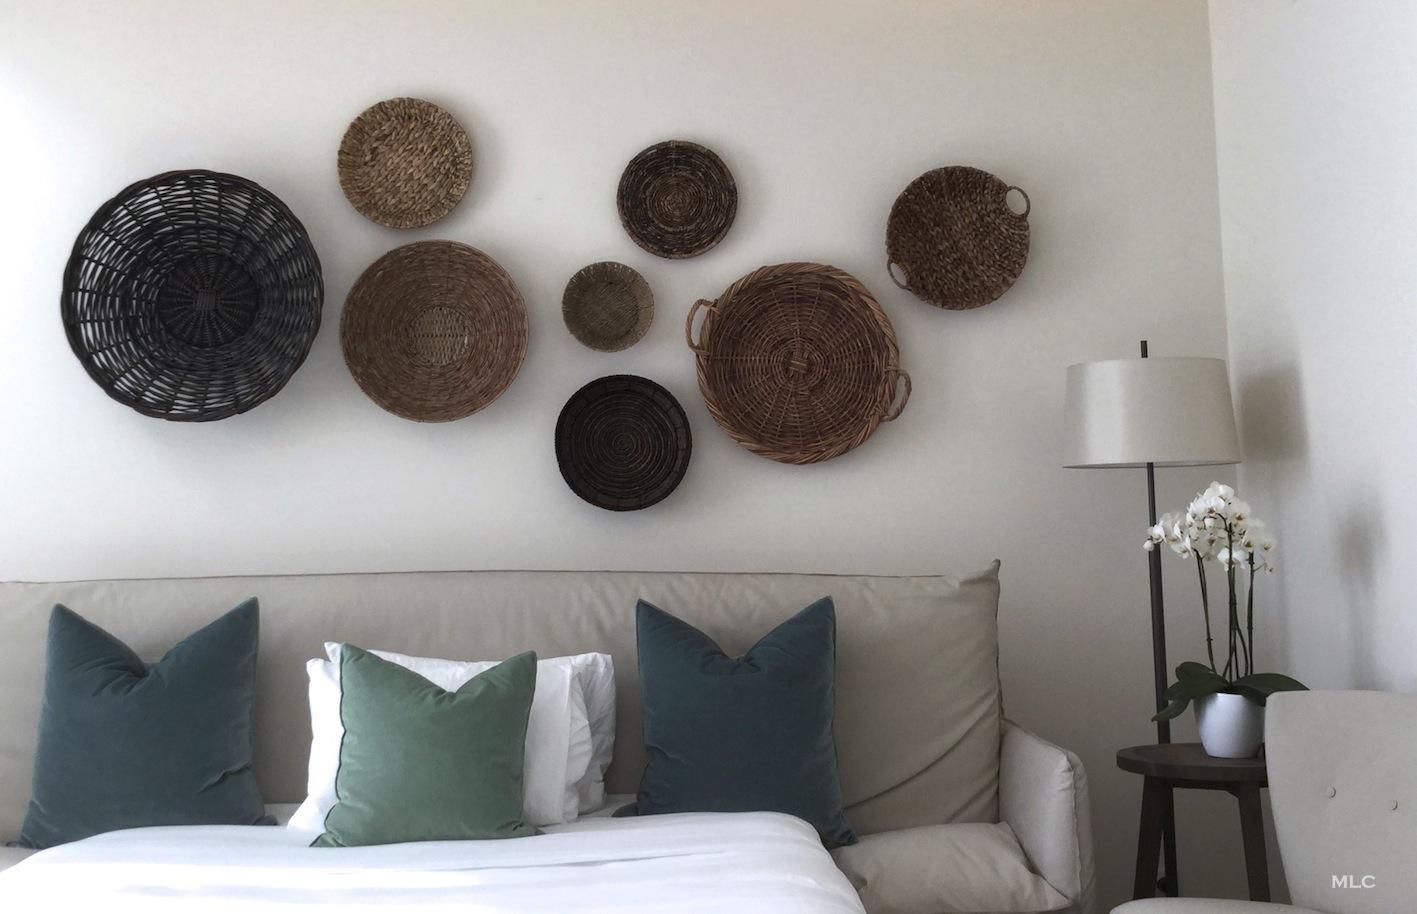 idee deco mur panier osier le blog d co de mlc. Black Bedroom Furniture Sets. Home Design Ideas